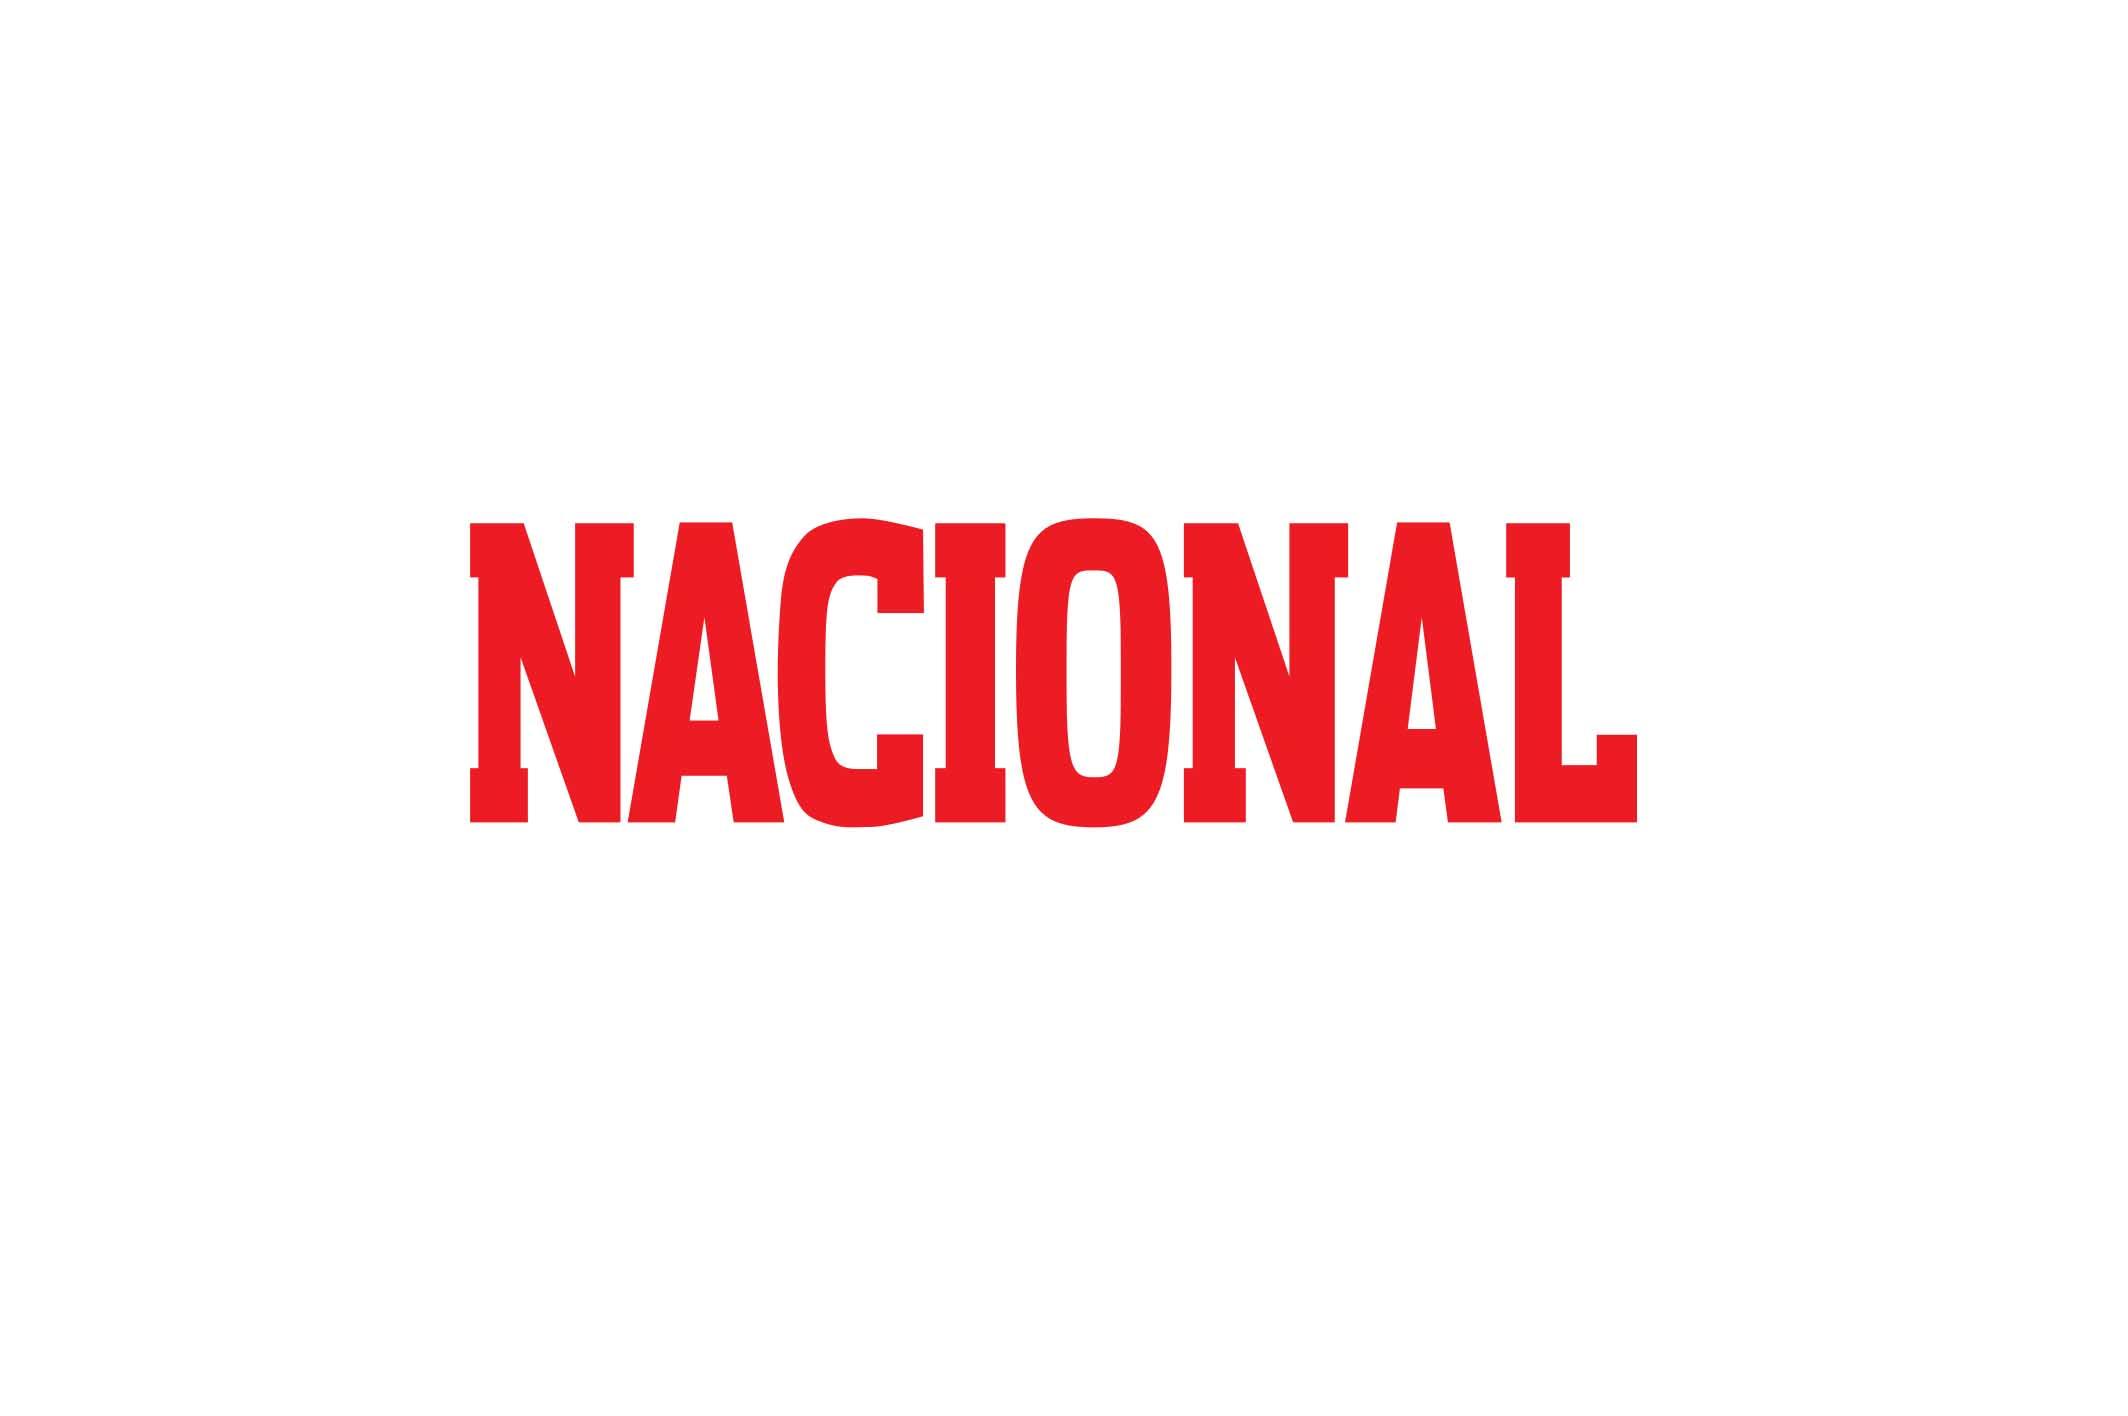 Nacional za slider